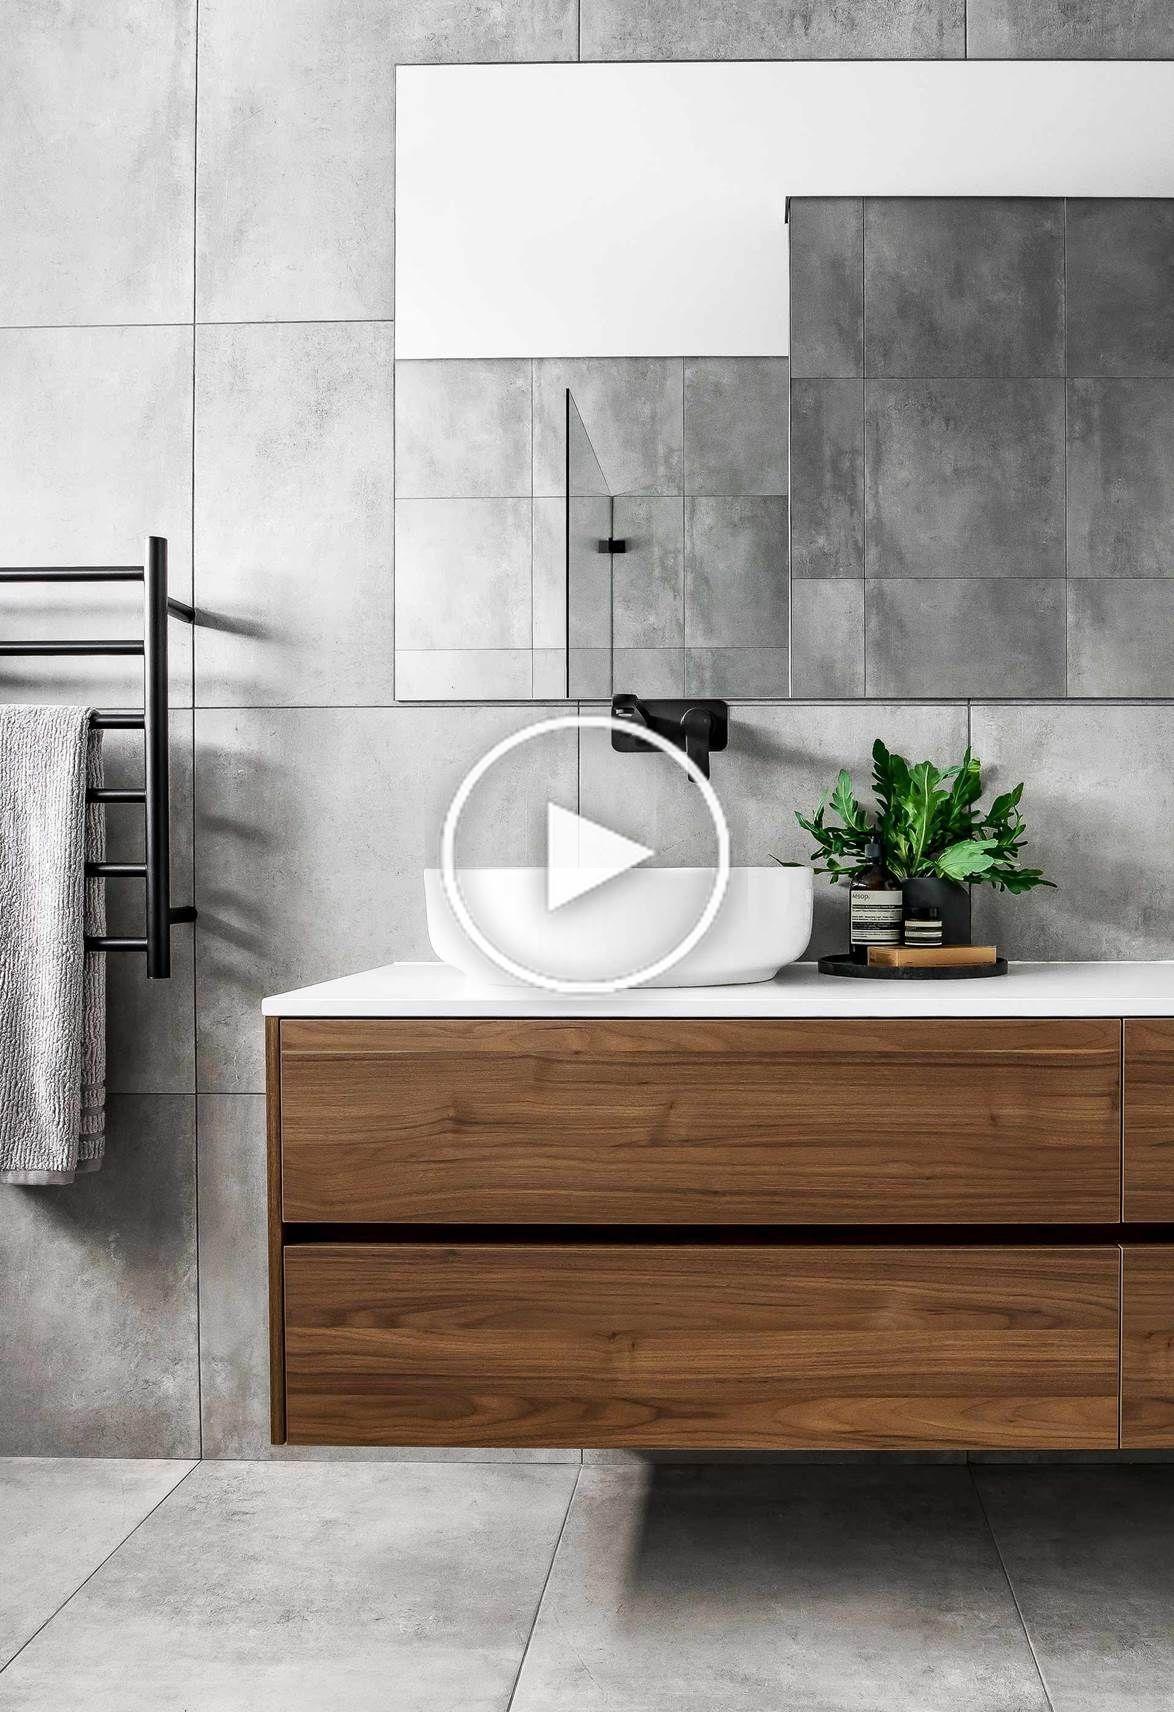 24 Moderne Badkamer Ideeen Die Perfect Zijn Voor Elk Huis Badkamer Modern Badkamerideeen Badkamer Verbouwen